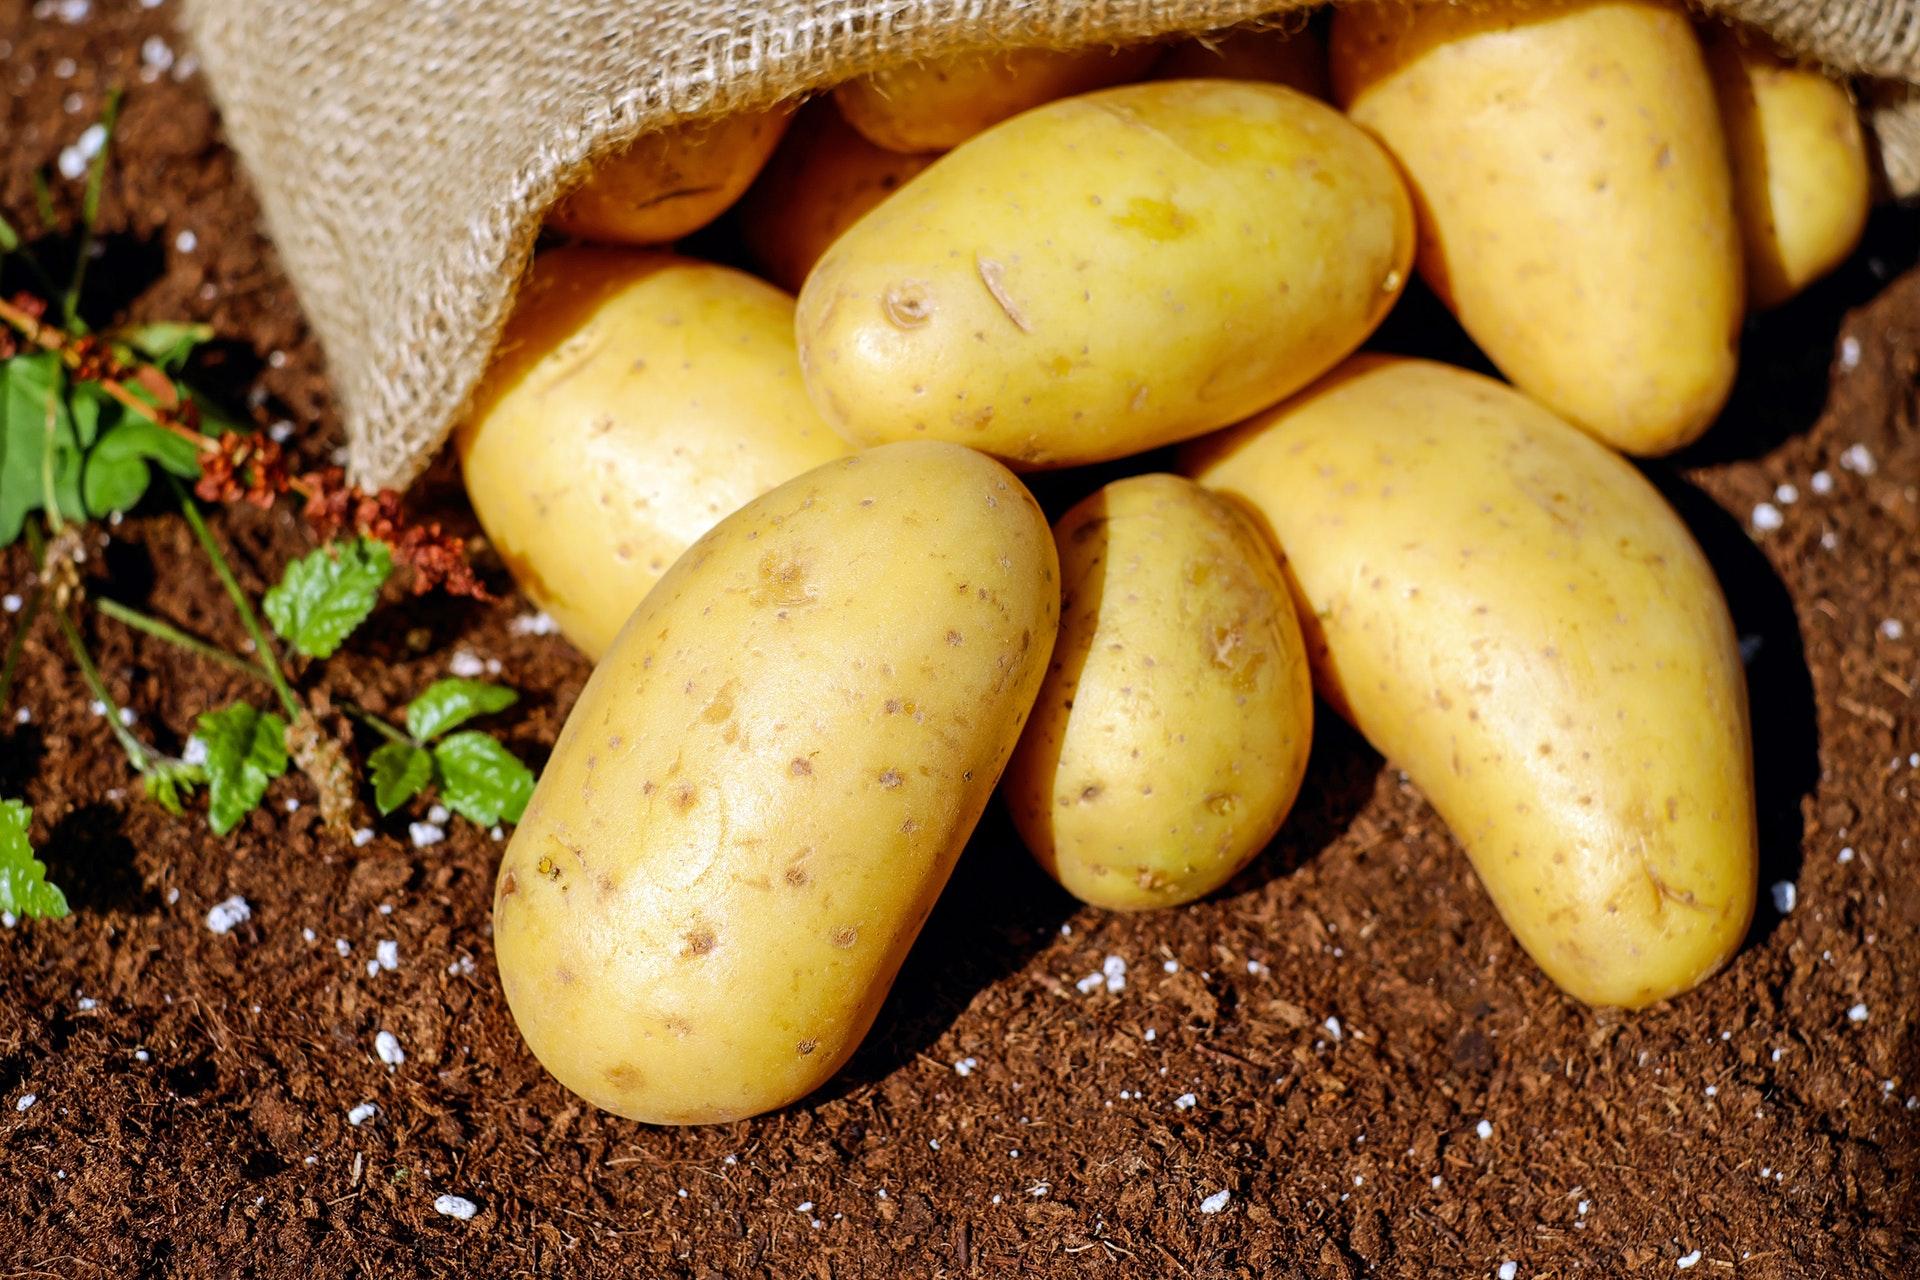 growing-potatoes-ste-do-cli